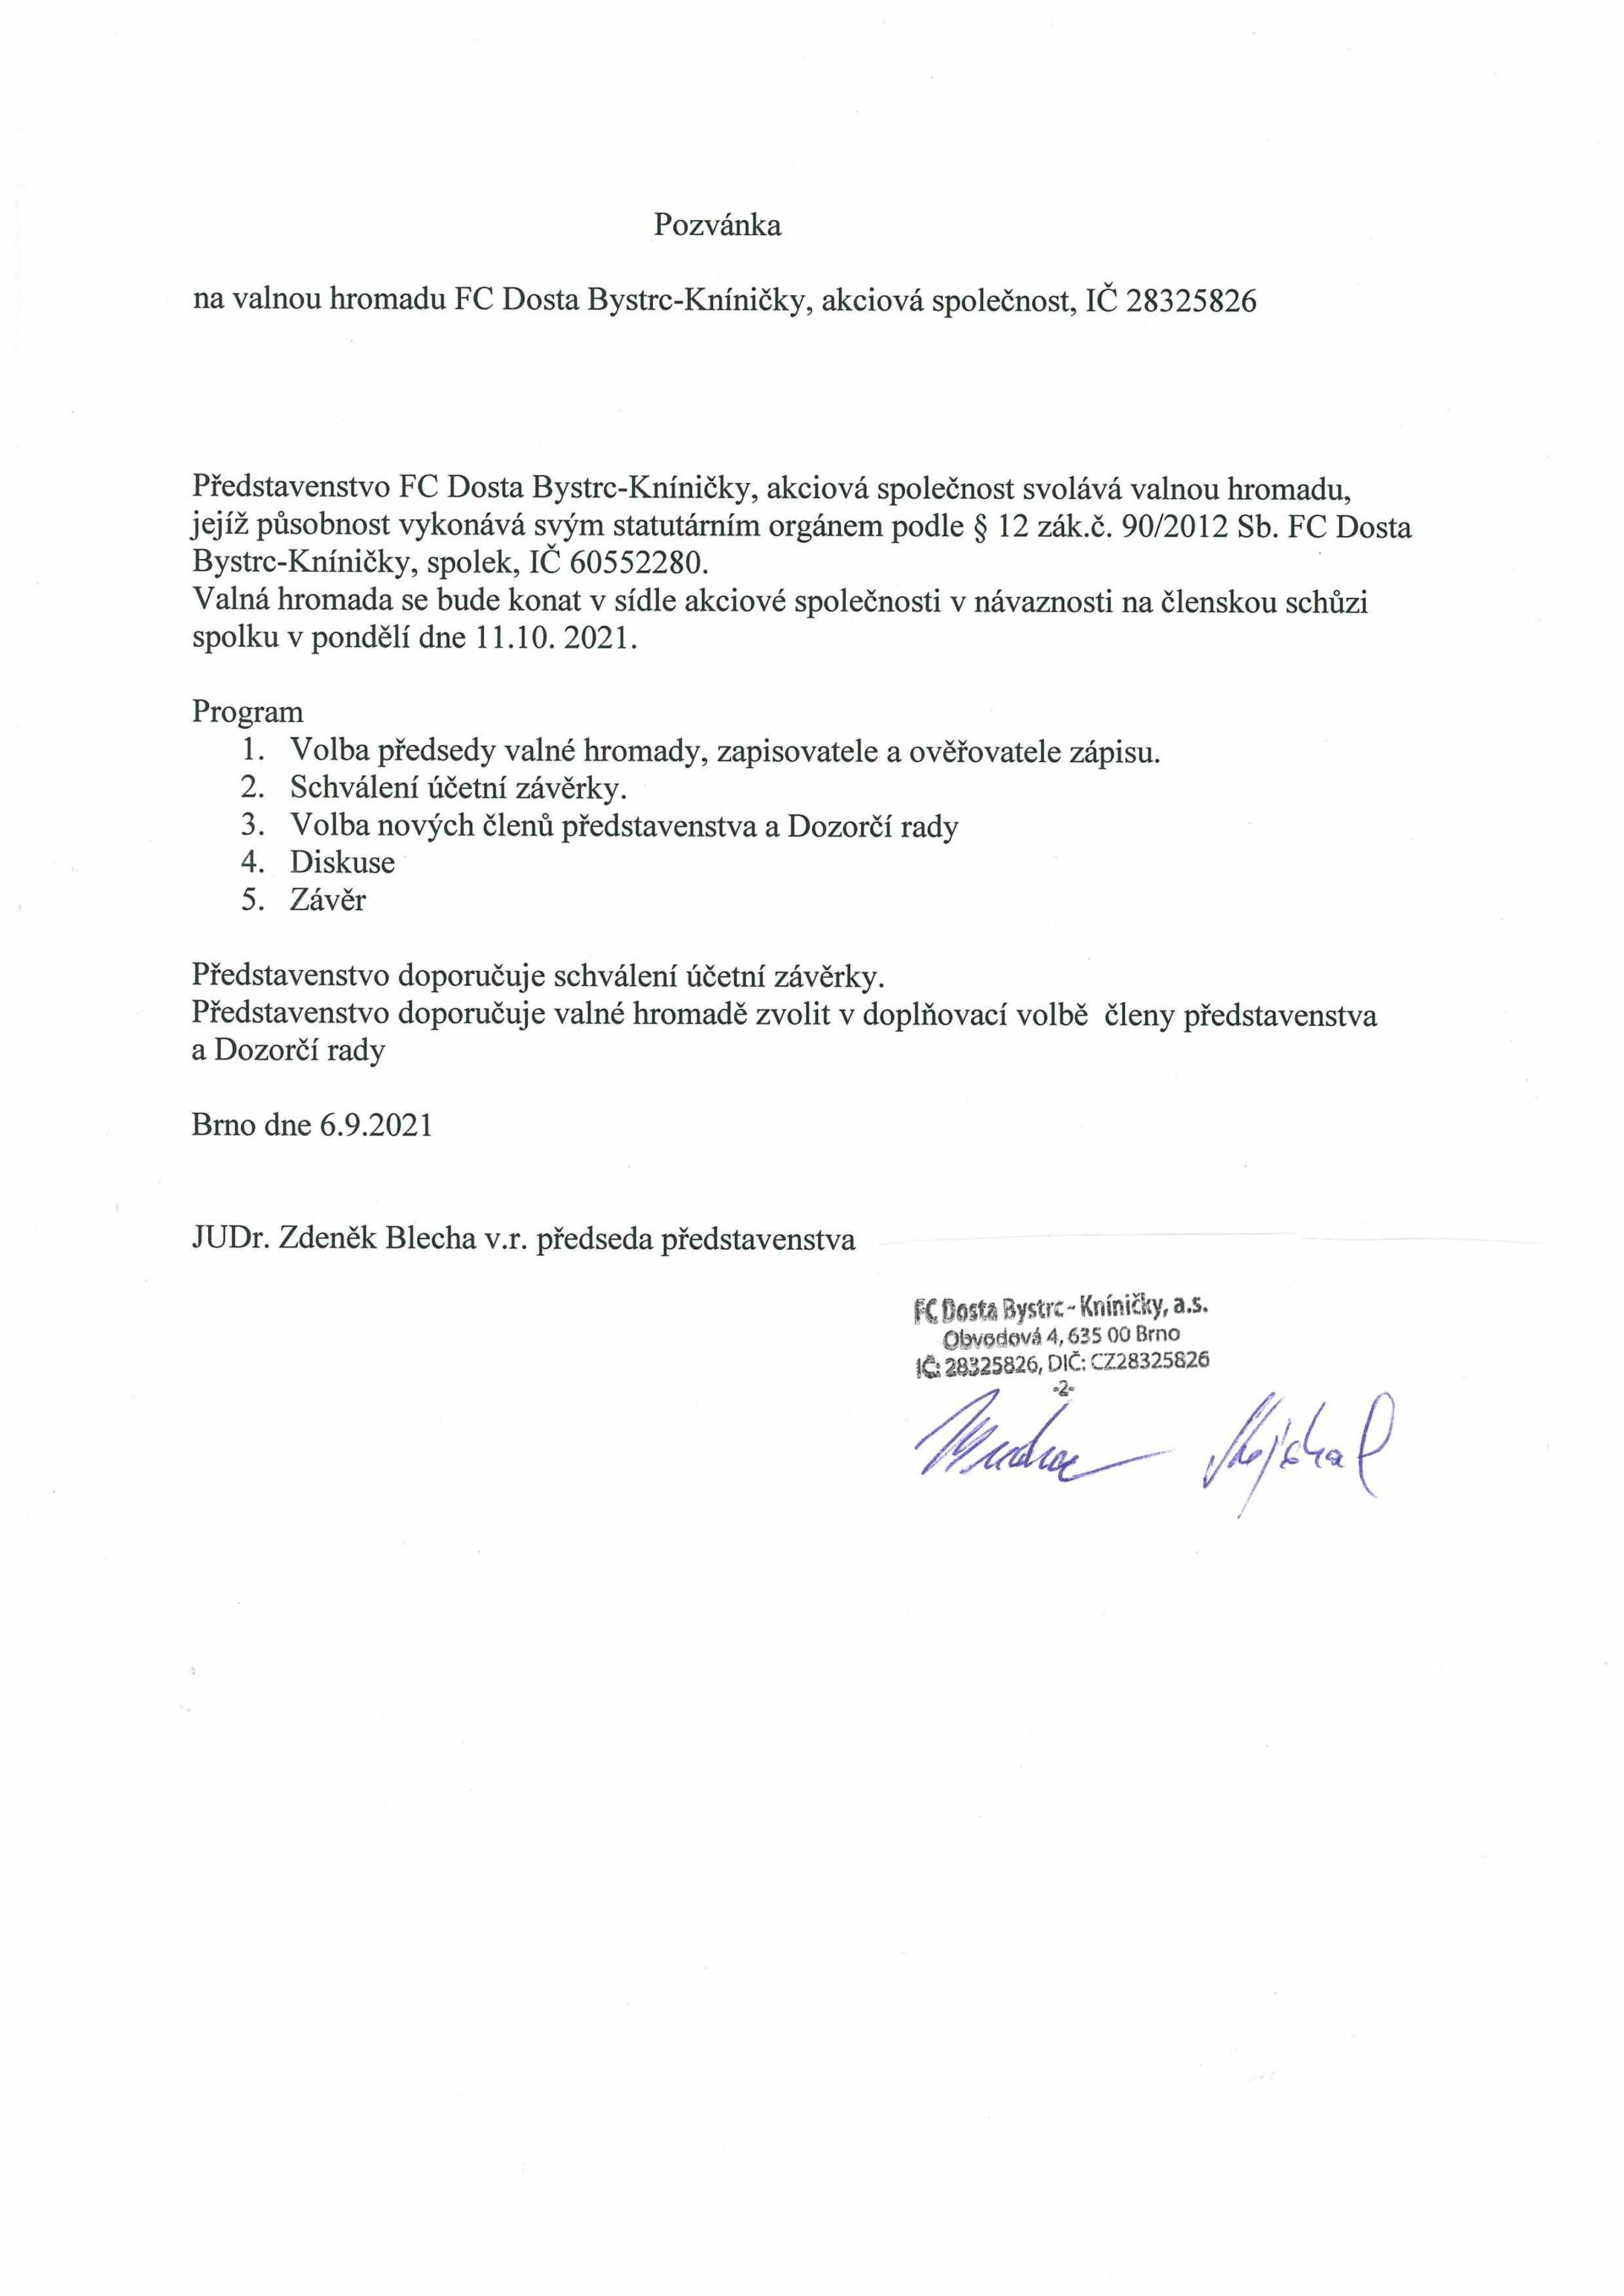 FC Dosta Bystrc - Kníničky Pozvánka na členskou schůzi a valnou hromadu Novinky, Oznámení